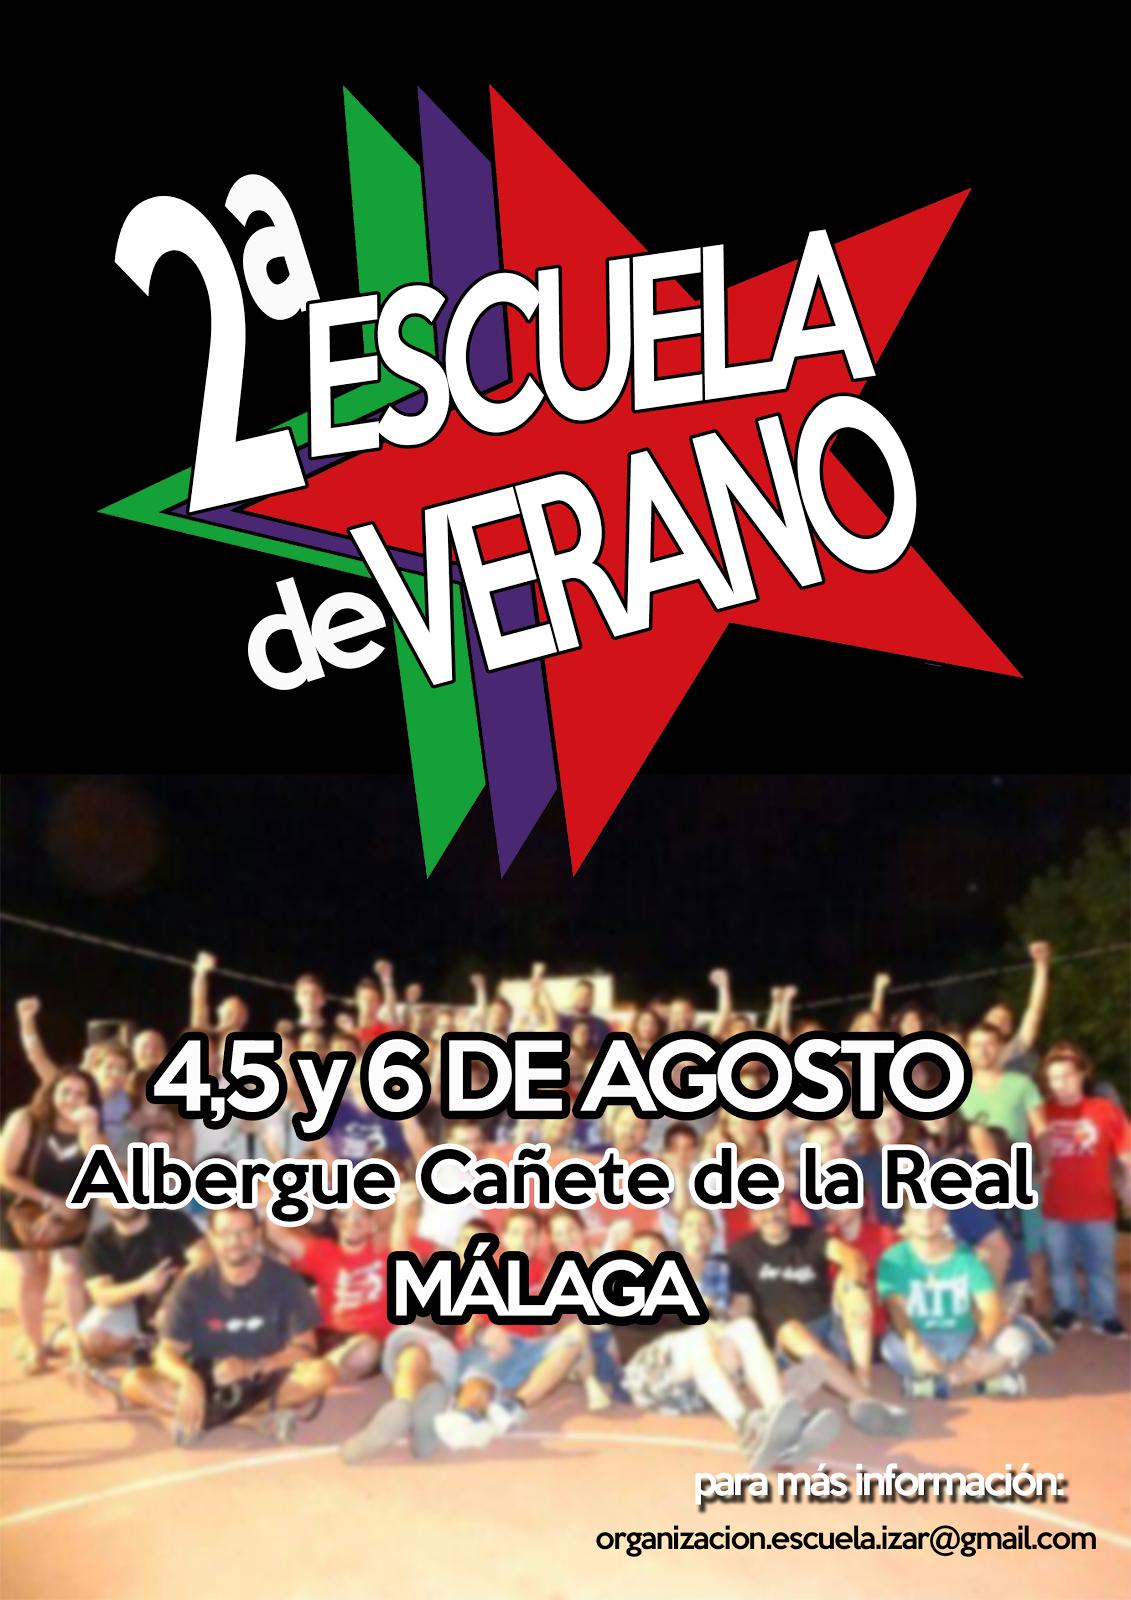 2ª Escuela de verano de IZAR (4,5 y 6 de agosto en Cañete la Real, Málaga)